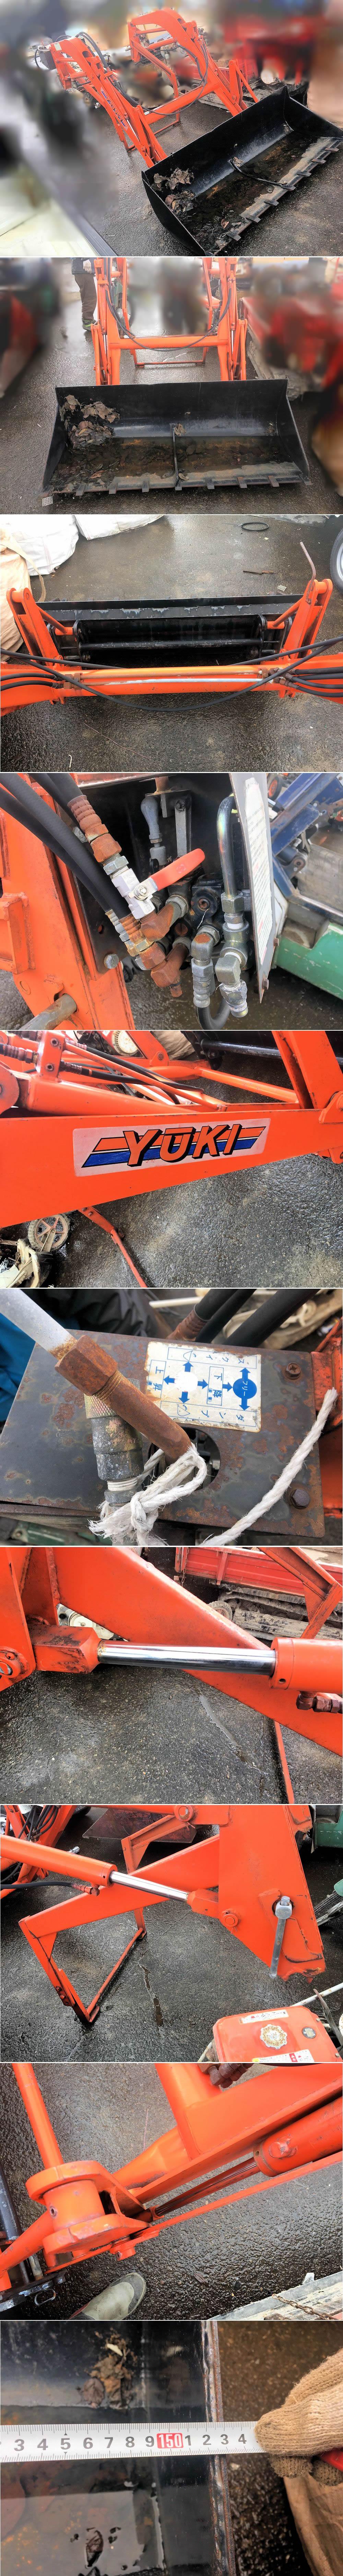 フロントローダー 中古 ドッキング グレイタス トラクター用 1500mm 操作部あり バケット オイル漏れ無し 油圧シリンダー状態良好 現状 中古